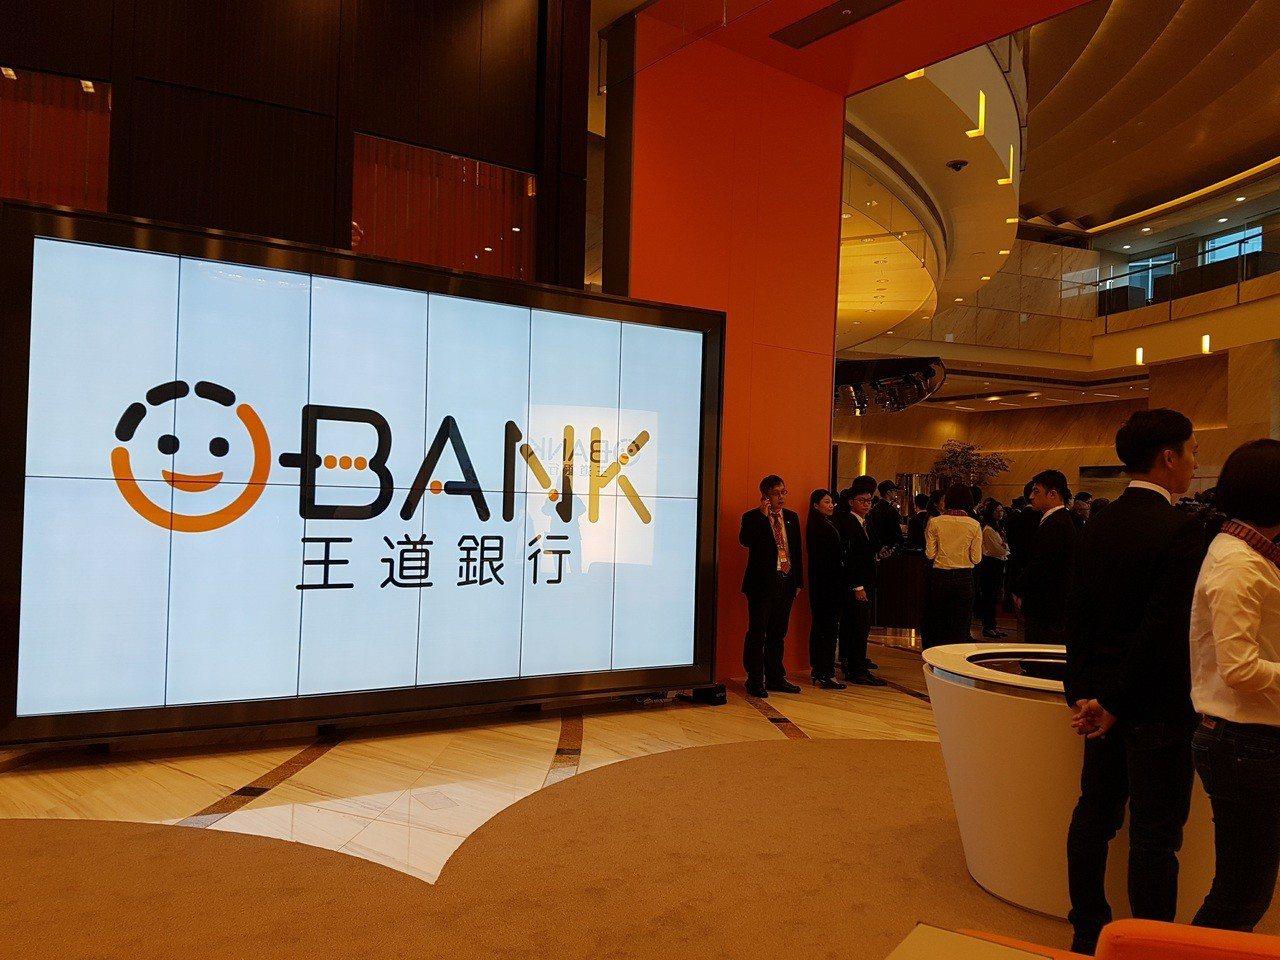 王道銀行第二間實體分行忠孝敦化分行2018年1月10日開業。聯合報系資料照